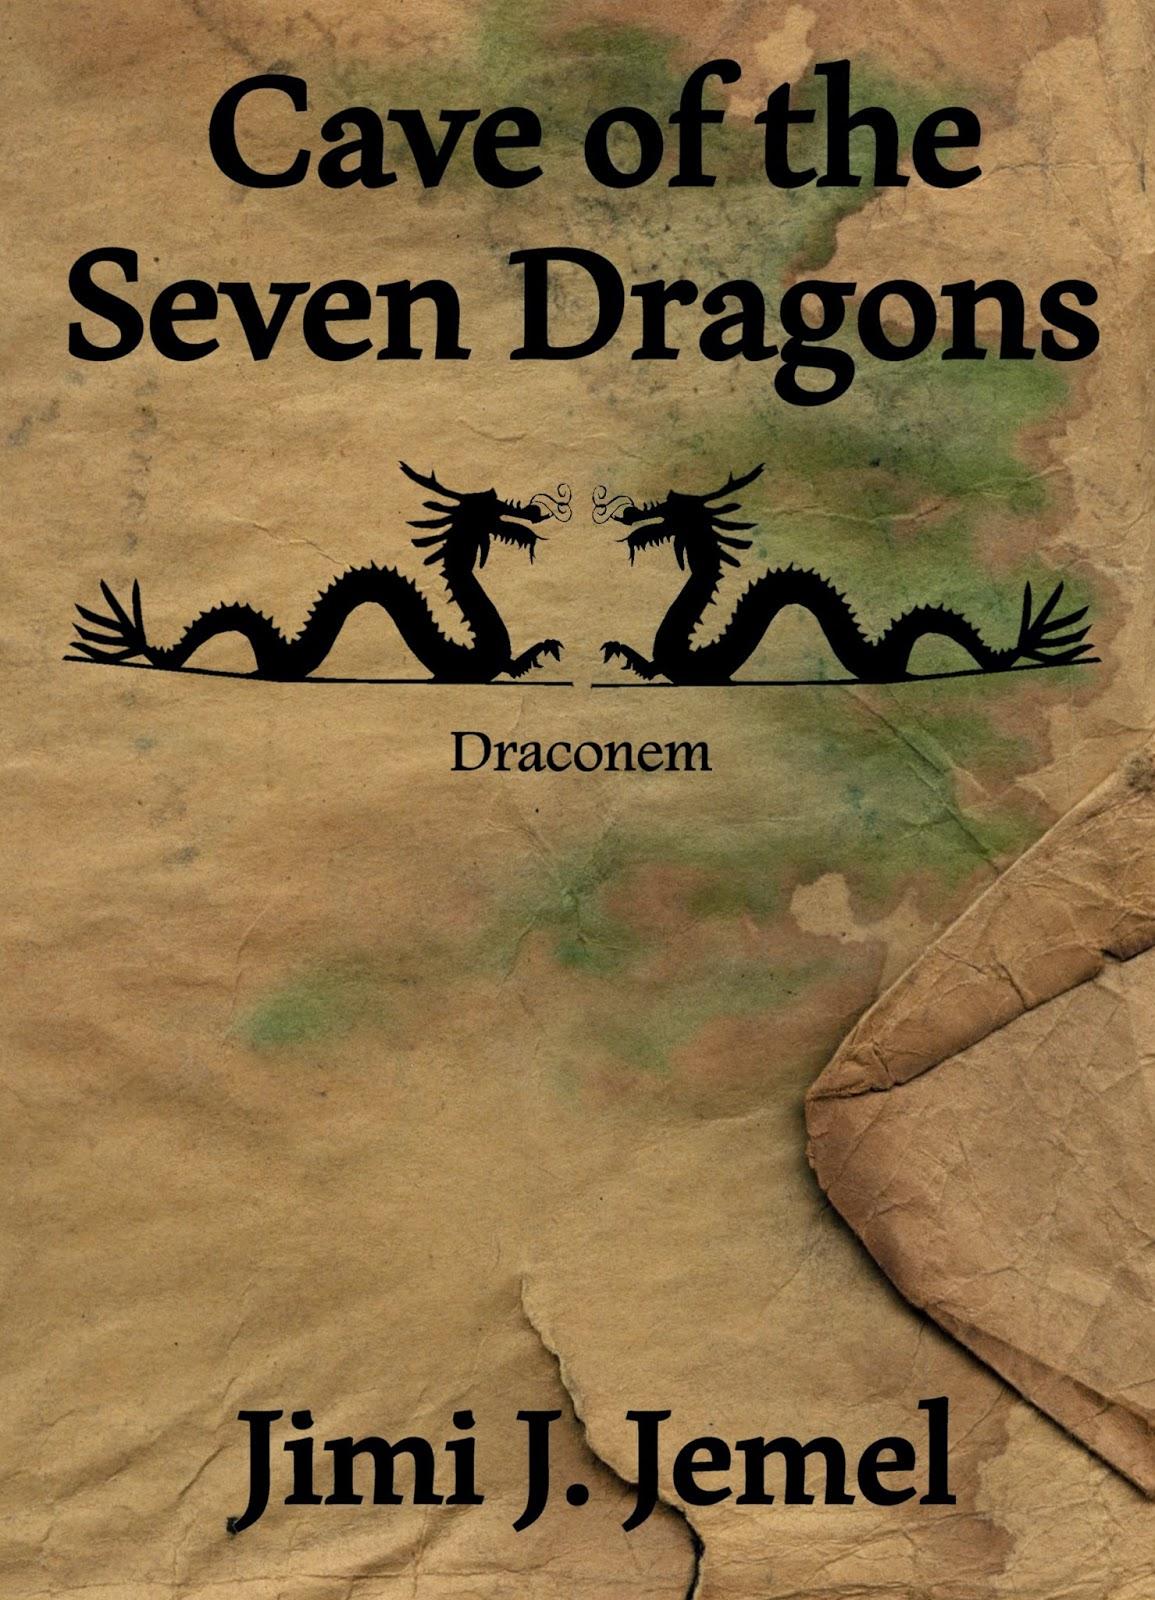 Cave the Seven Dragons - Jimi J. Jemel